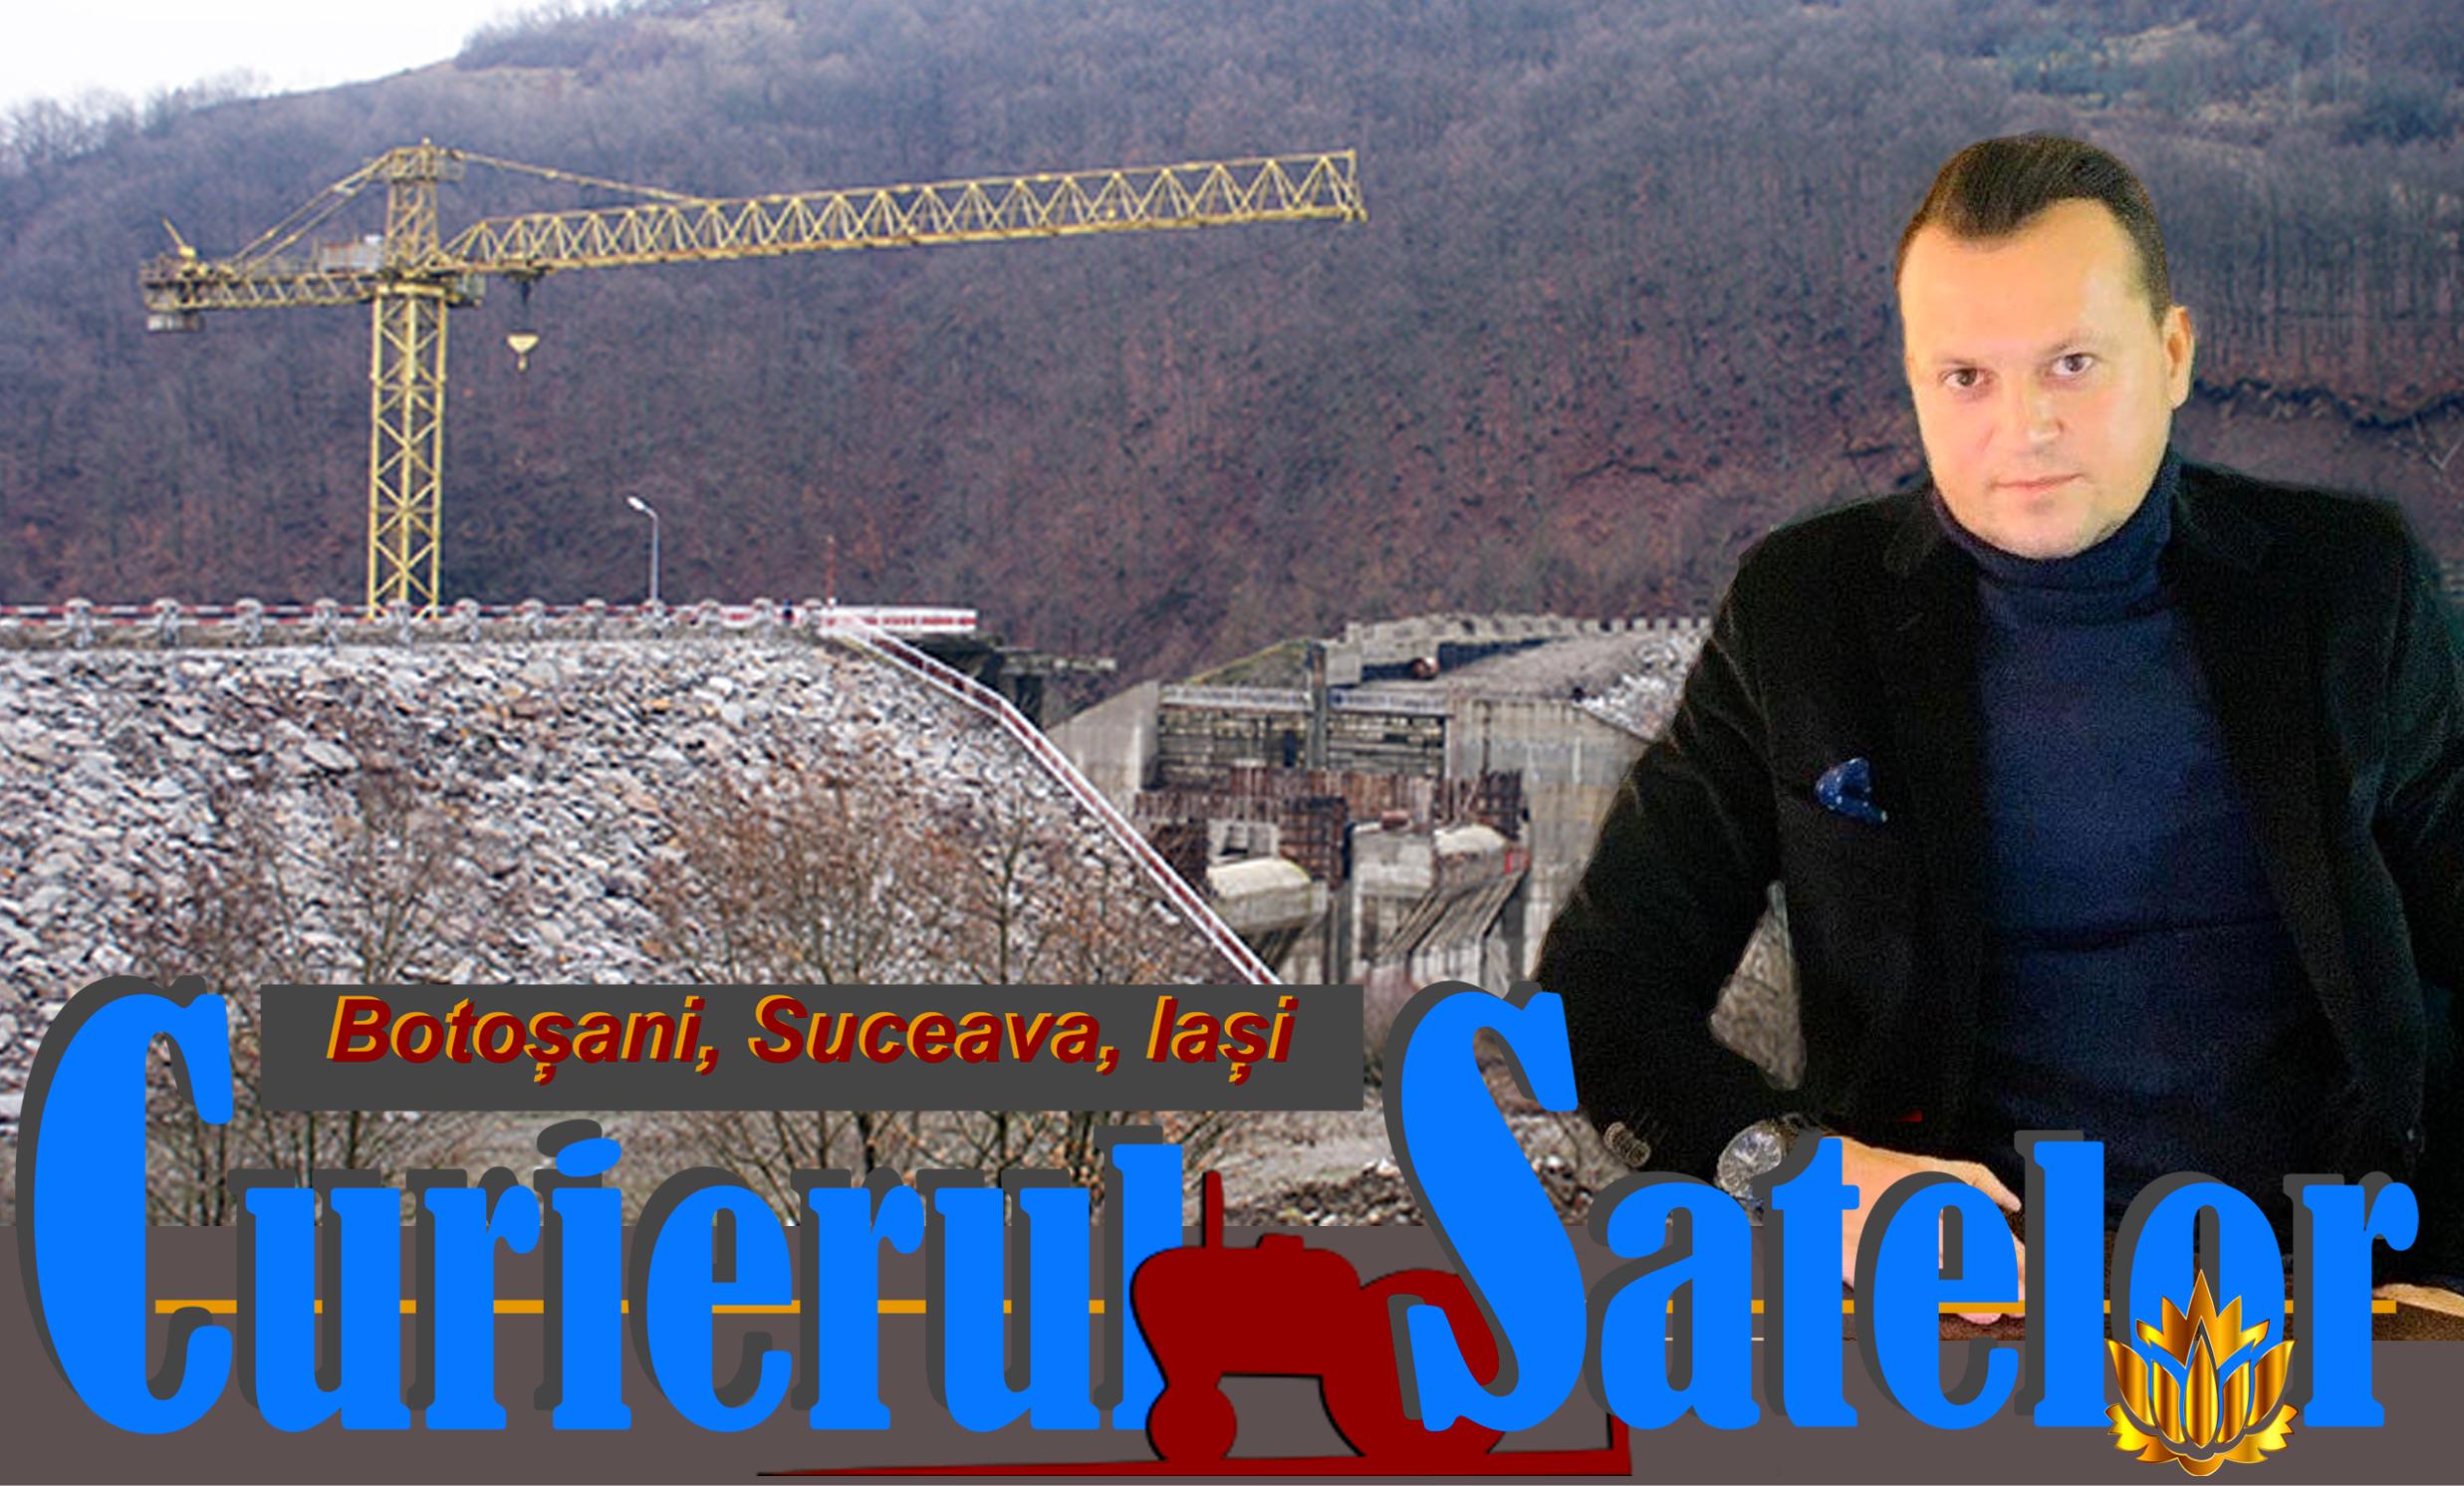 Început de Ceaușescu în urmă cu 30 de ani, barajul din Hunedoara se finalizează cu o firmă din Botoșani. Hidroplasto își confirmă cartea de vizită 11